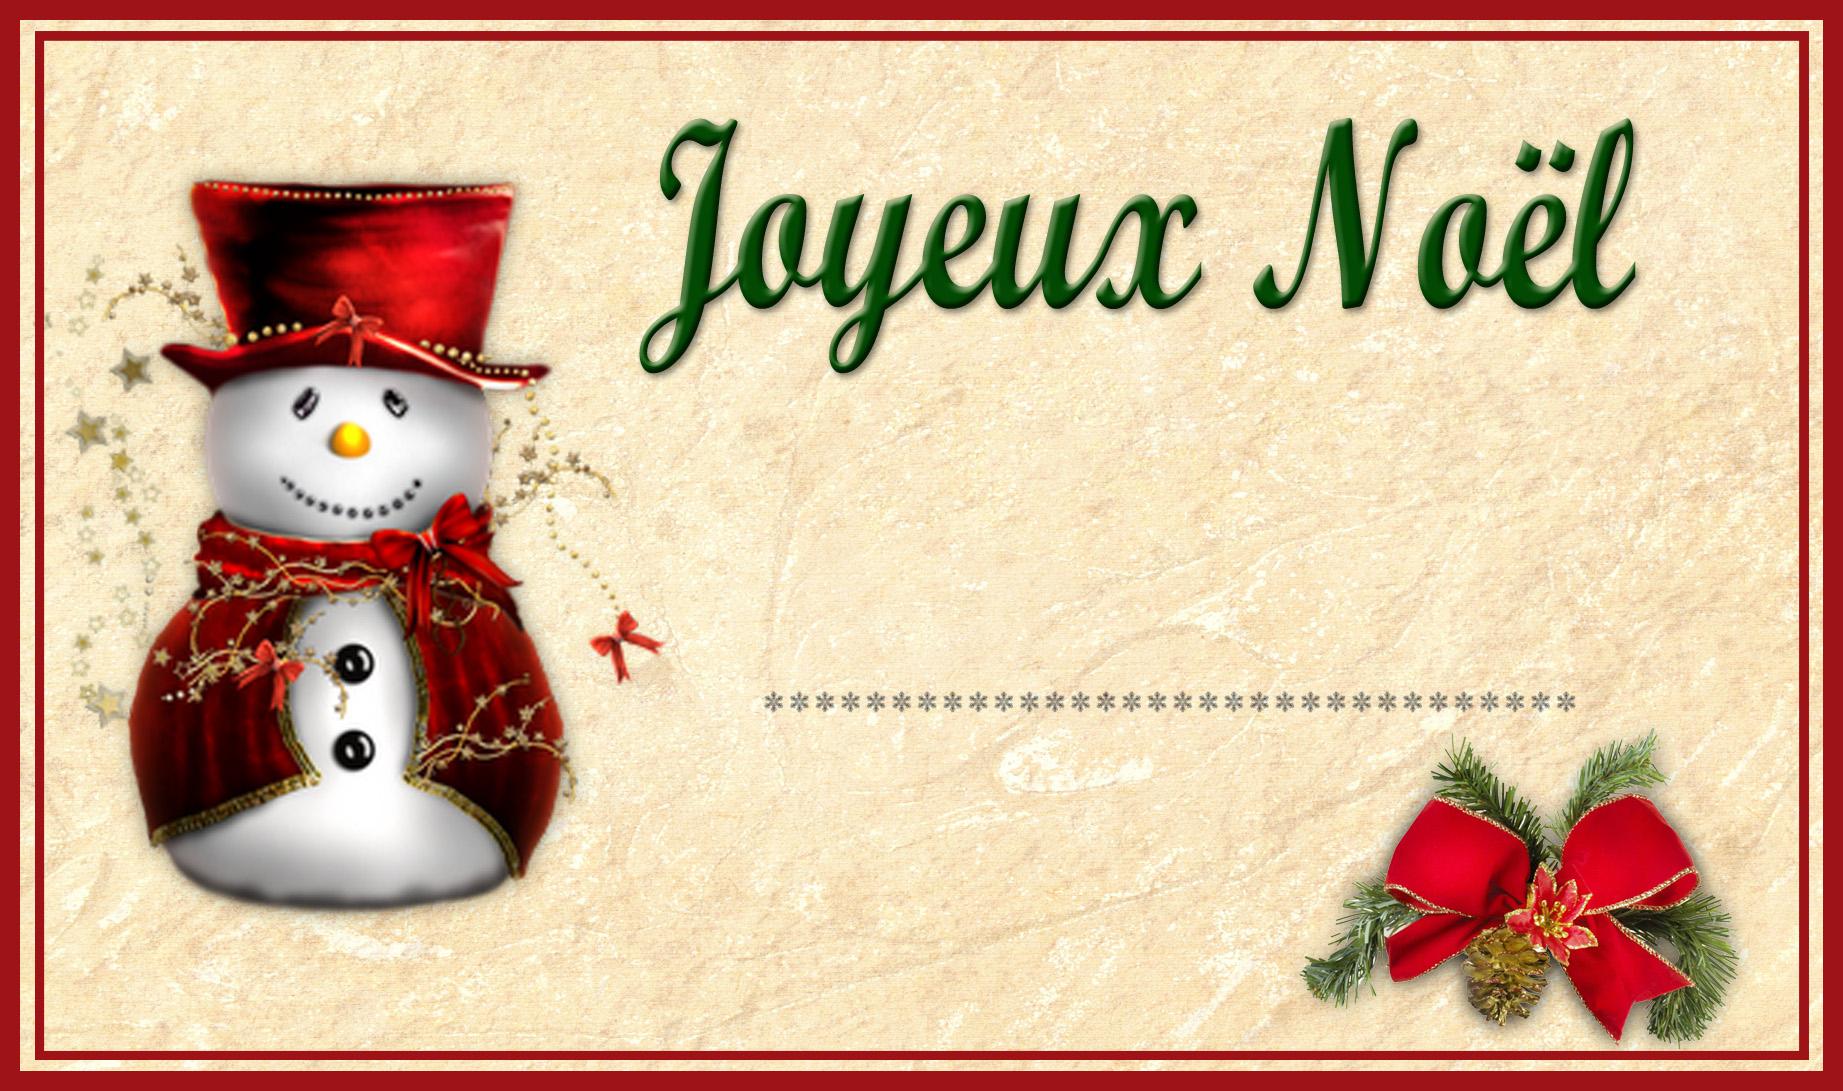 Etiquettes De Noël À Imprimer - Chez-Mireille D concernant Etiquette Noel A Imprimer